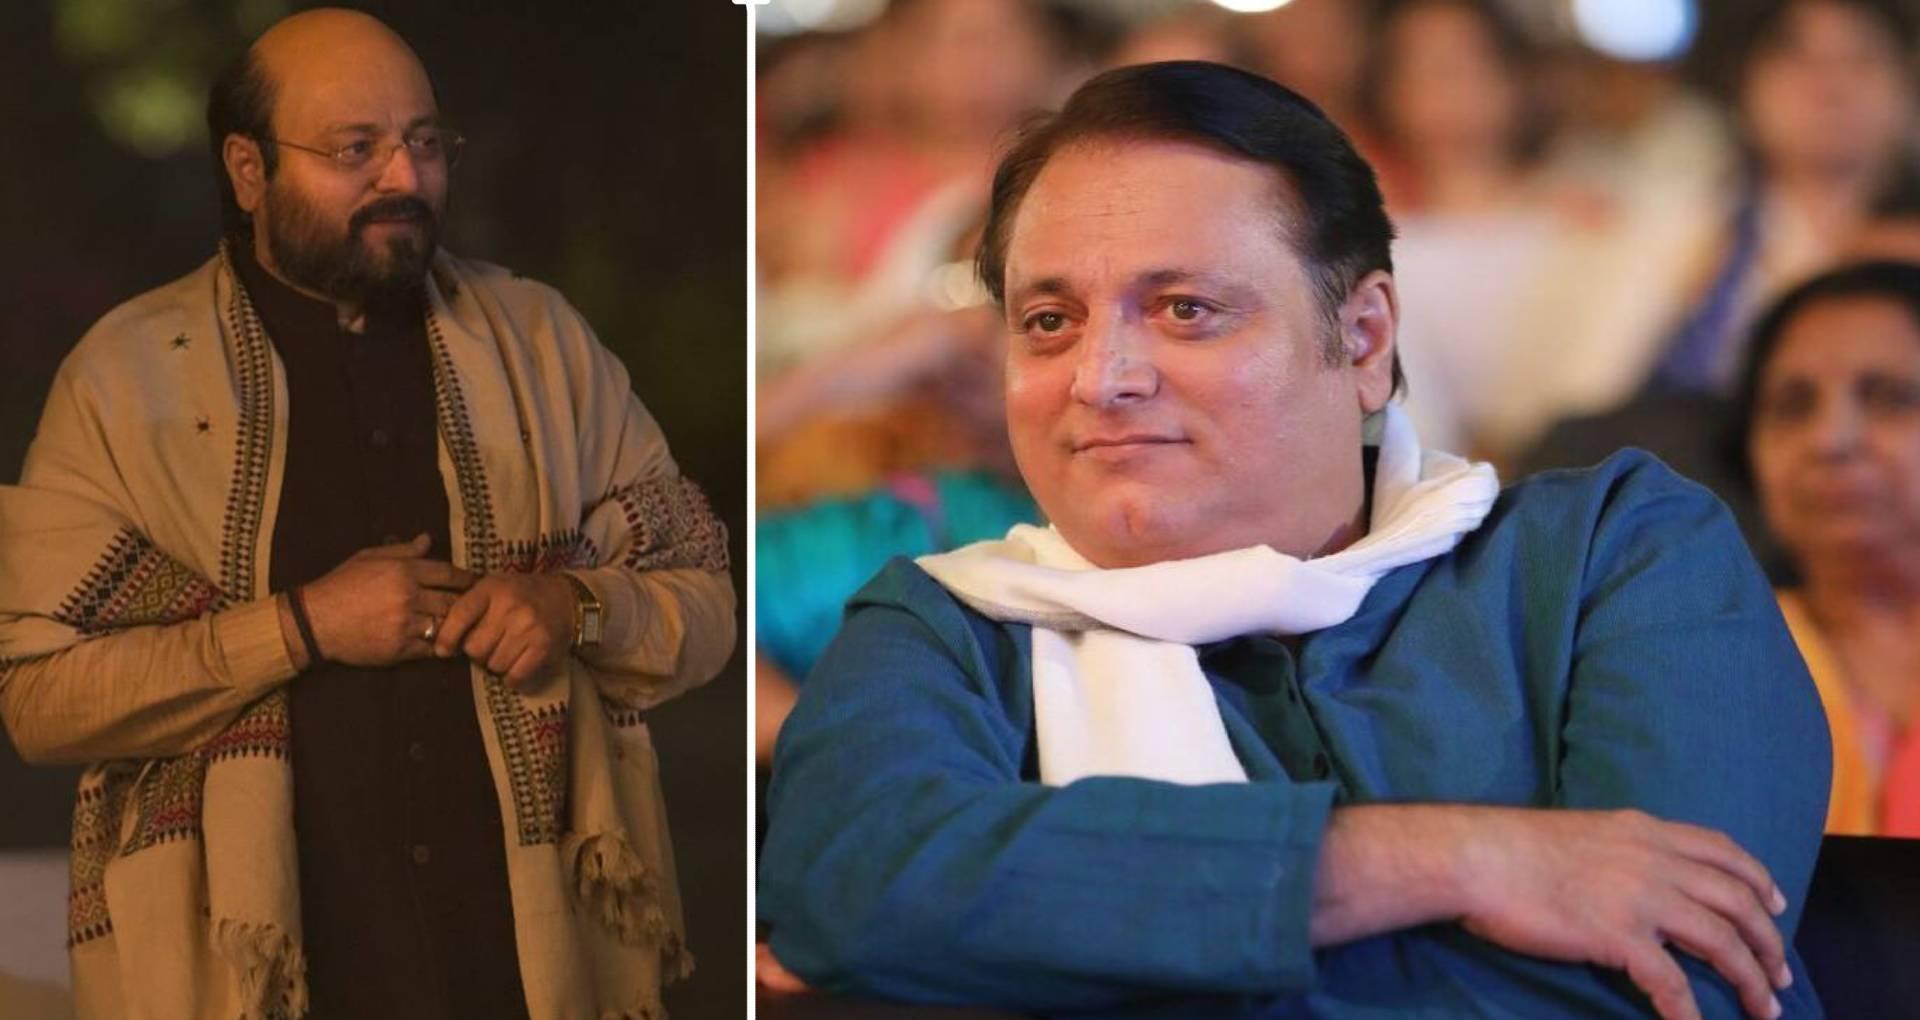 फिल्म पीएम नरेंद्र मोदी में नए कास्ट का खुलासा, अमित शाह का किरदार निभाएंगे एक्टर मनोज जोशी